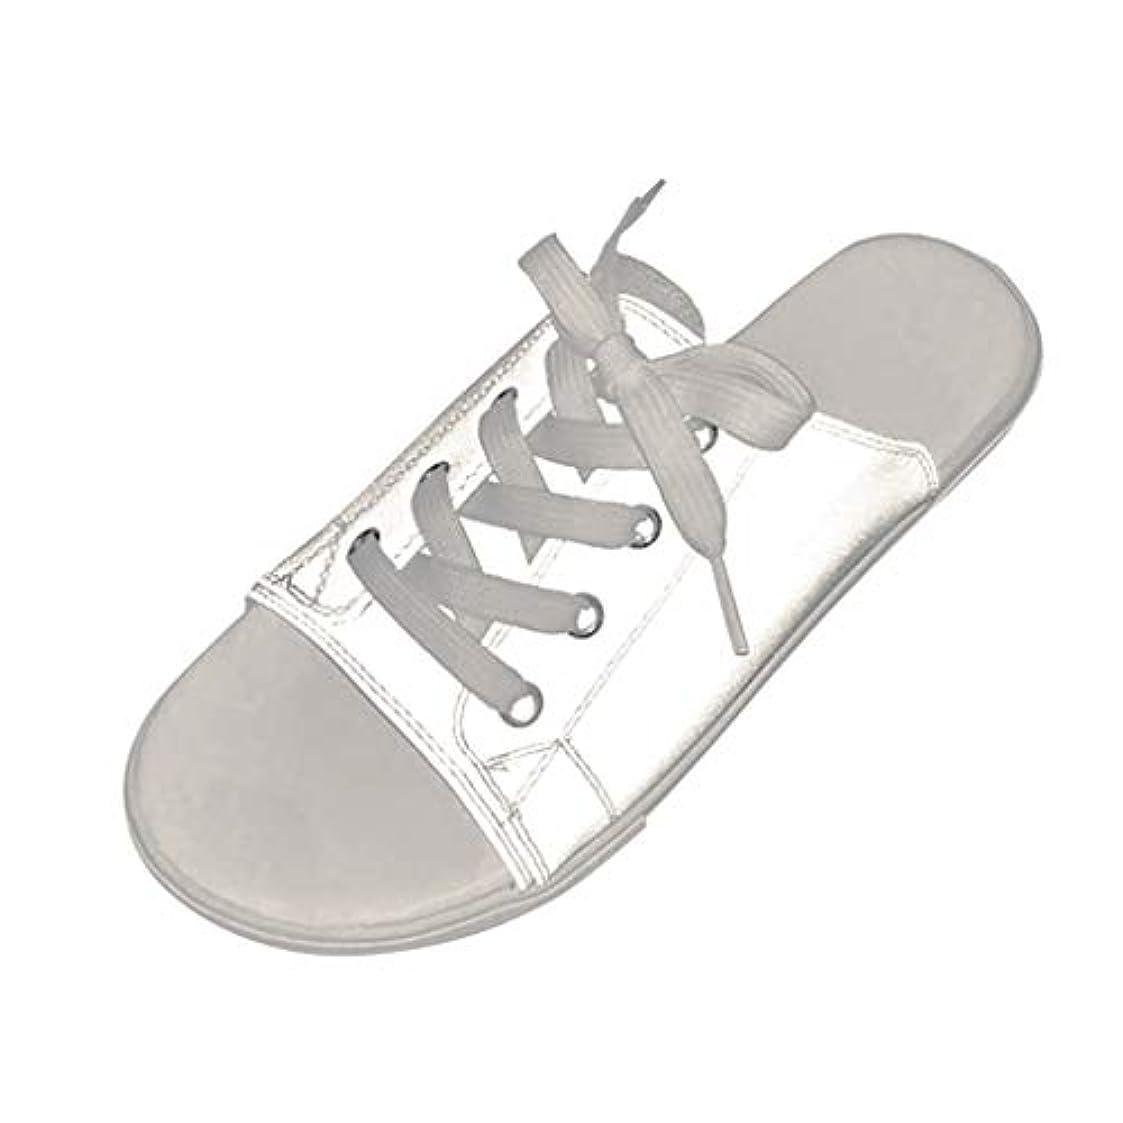 疲労浮浪者空気カップルは靴を照らす スリッパシューズ サンダル フラットビーチシューズ 魚の口の靴 輝くサンダル フラットスリッパ レースアップビーチサンダル